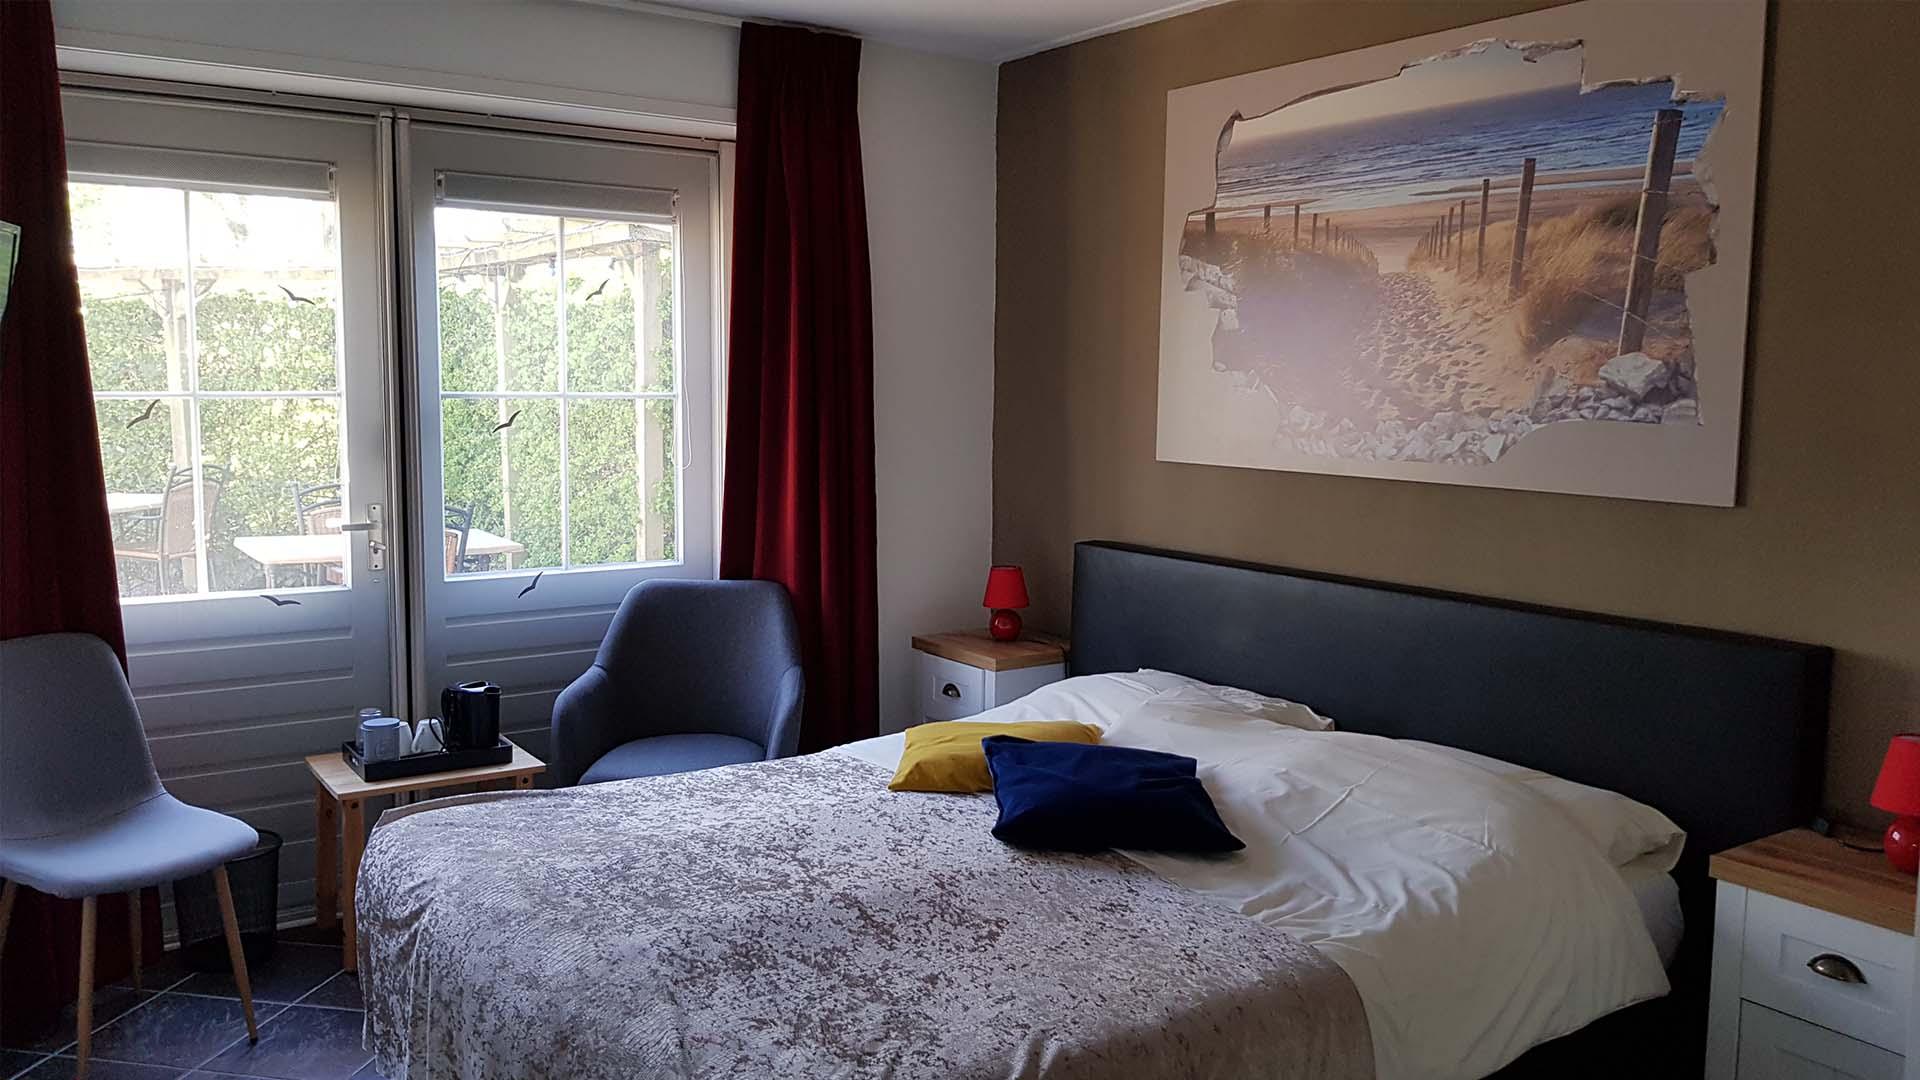 Tweepersoonskamer met uitzicht op het terras (kamer 9)